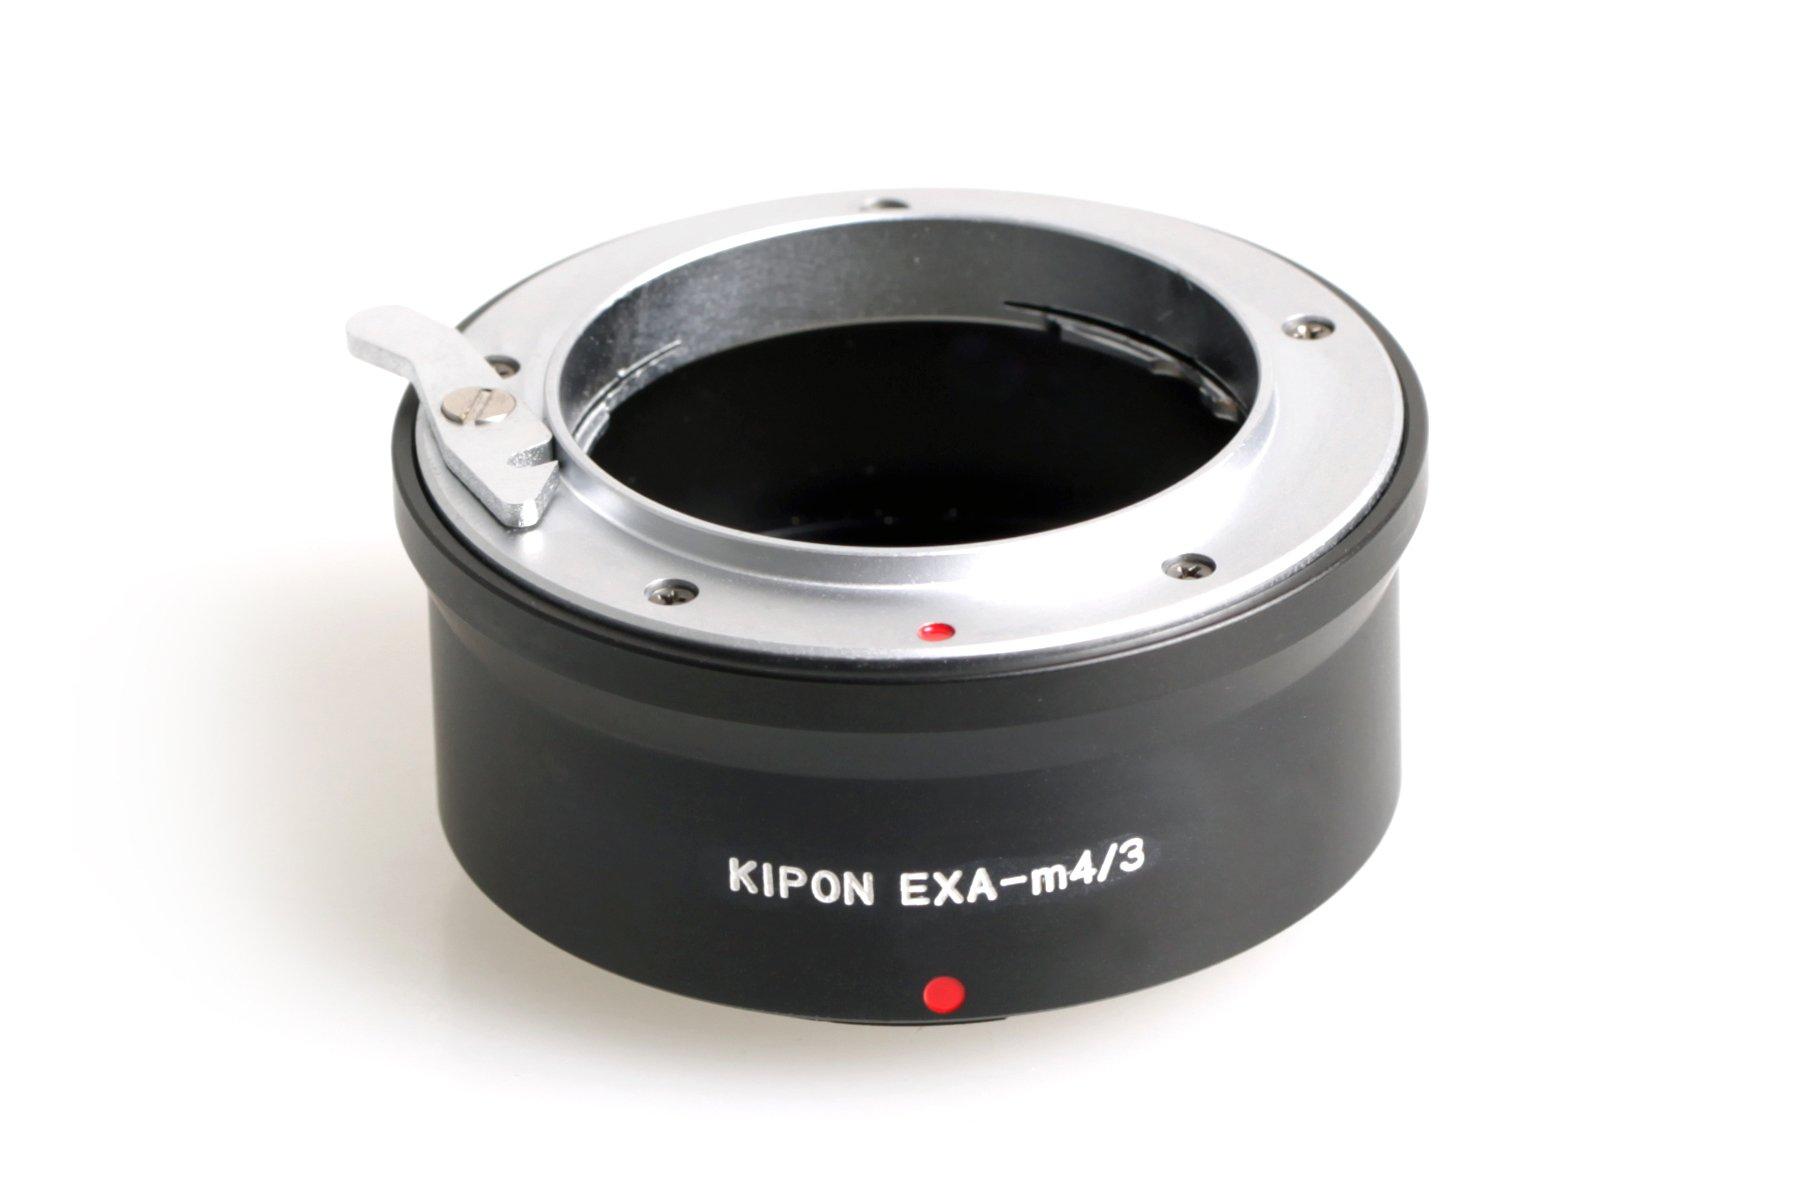 KIPON adaptér objektivu Exakta na tělo Olympus/Panasonic MFT